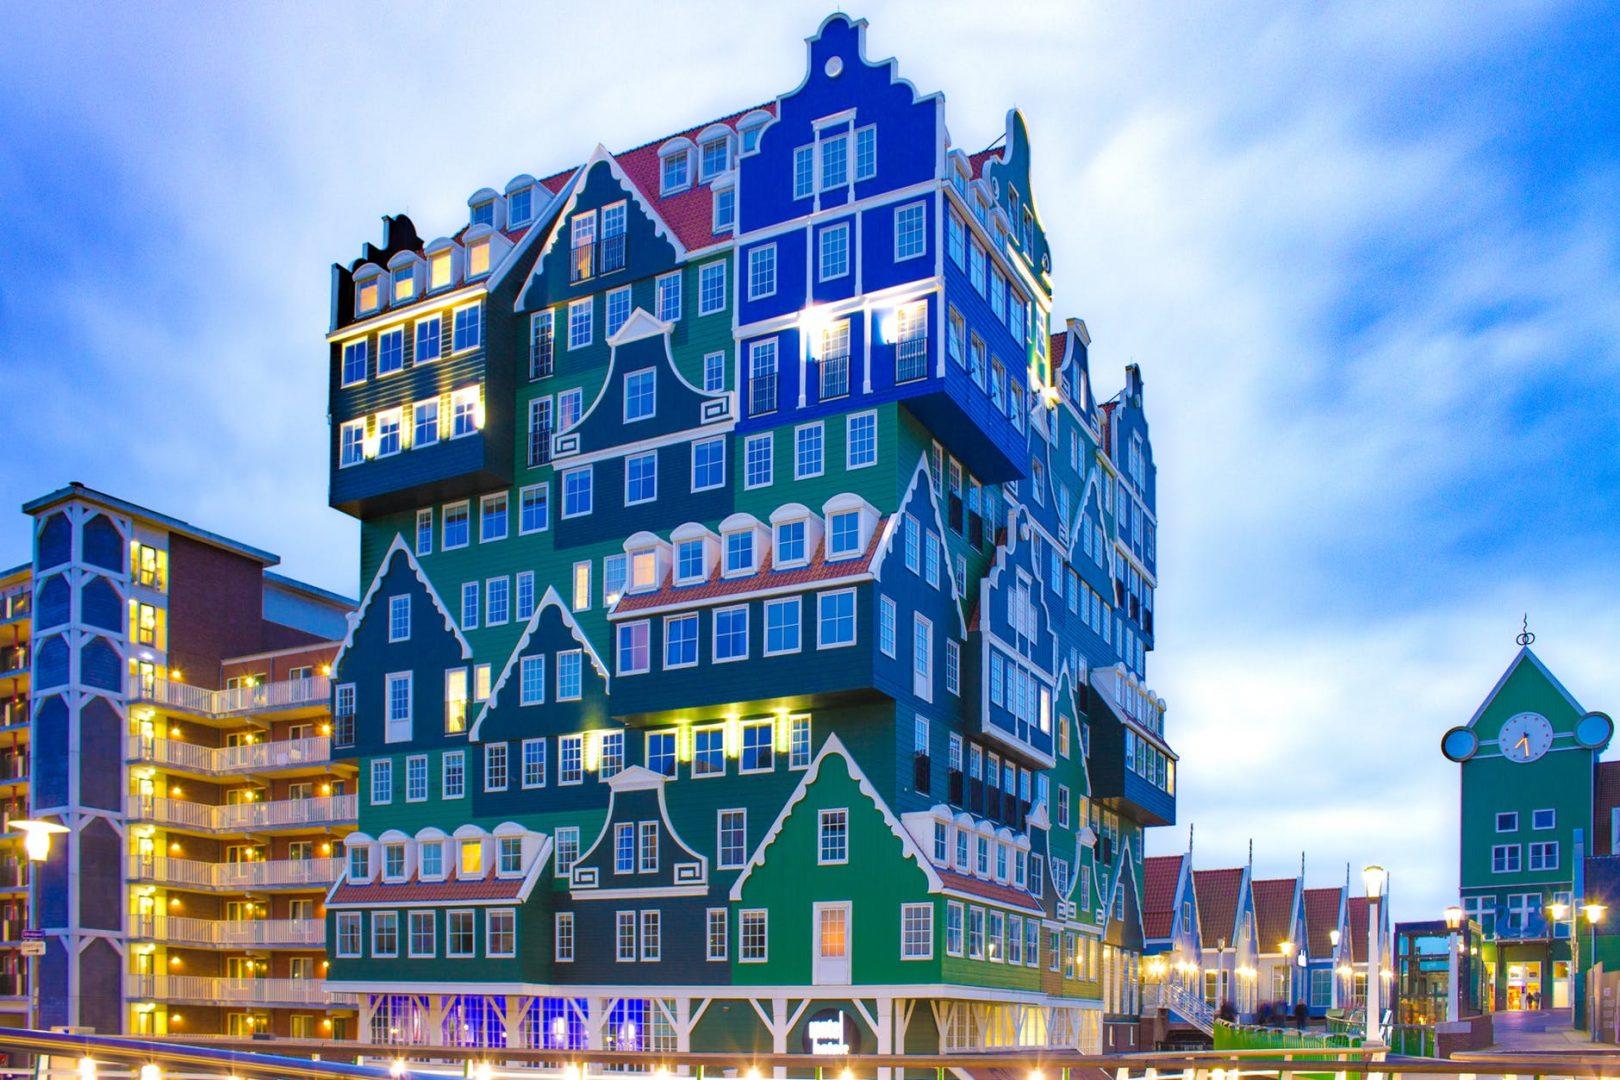 """Приключенческий квест """"Следуйте за красным кроликом"""" в Амстердаме"""